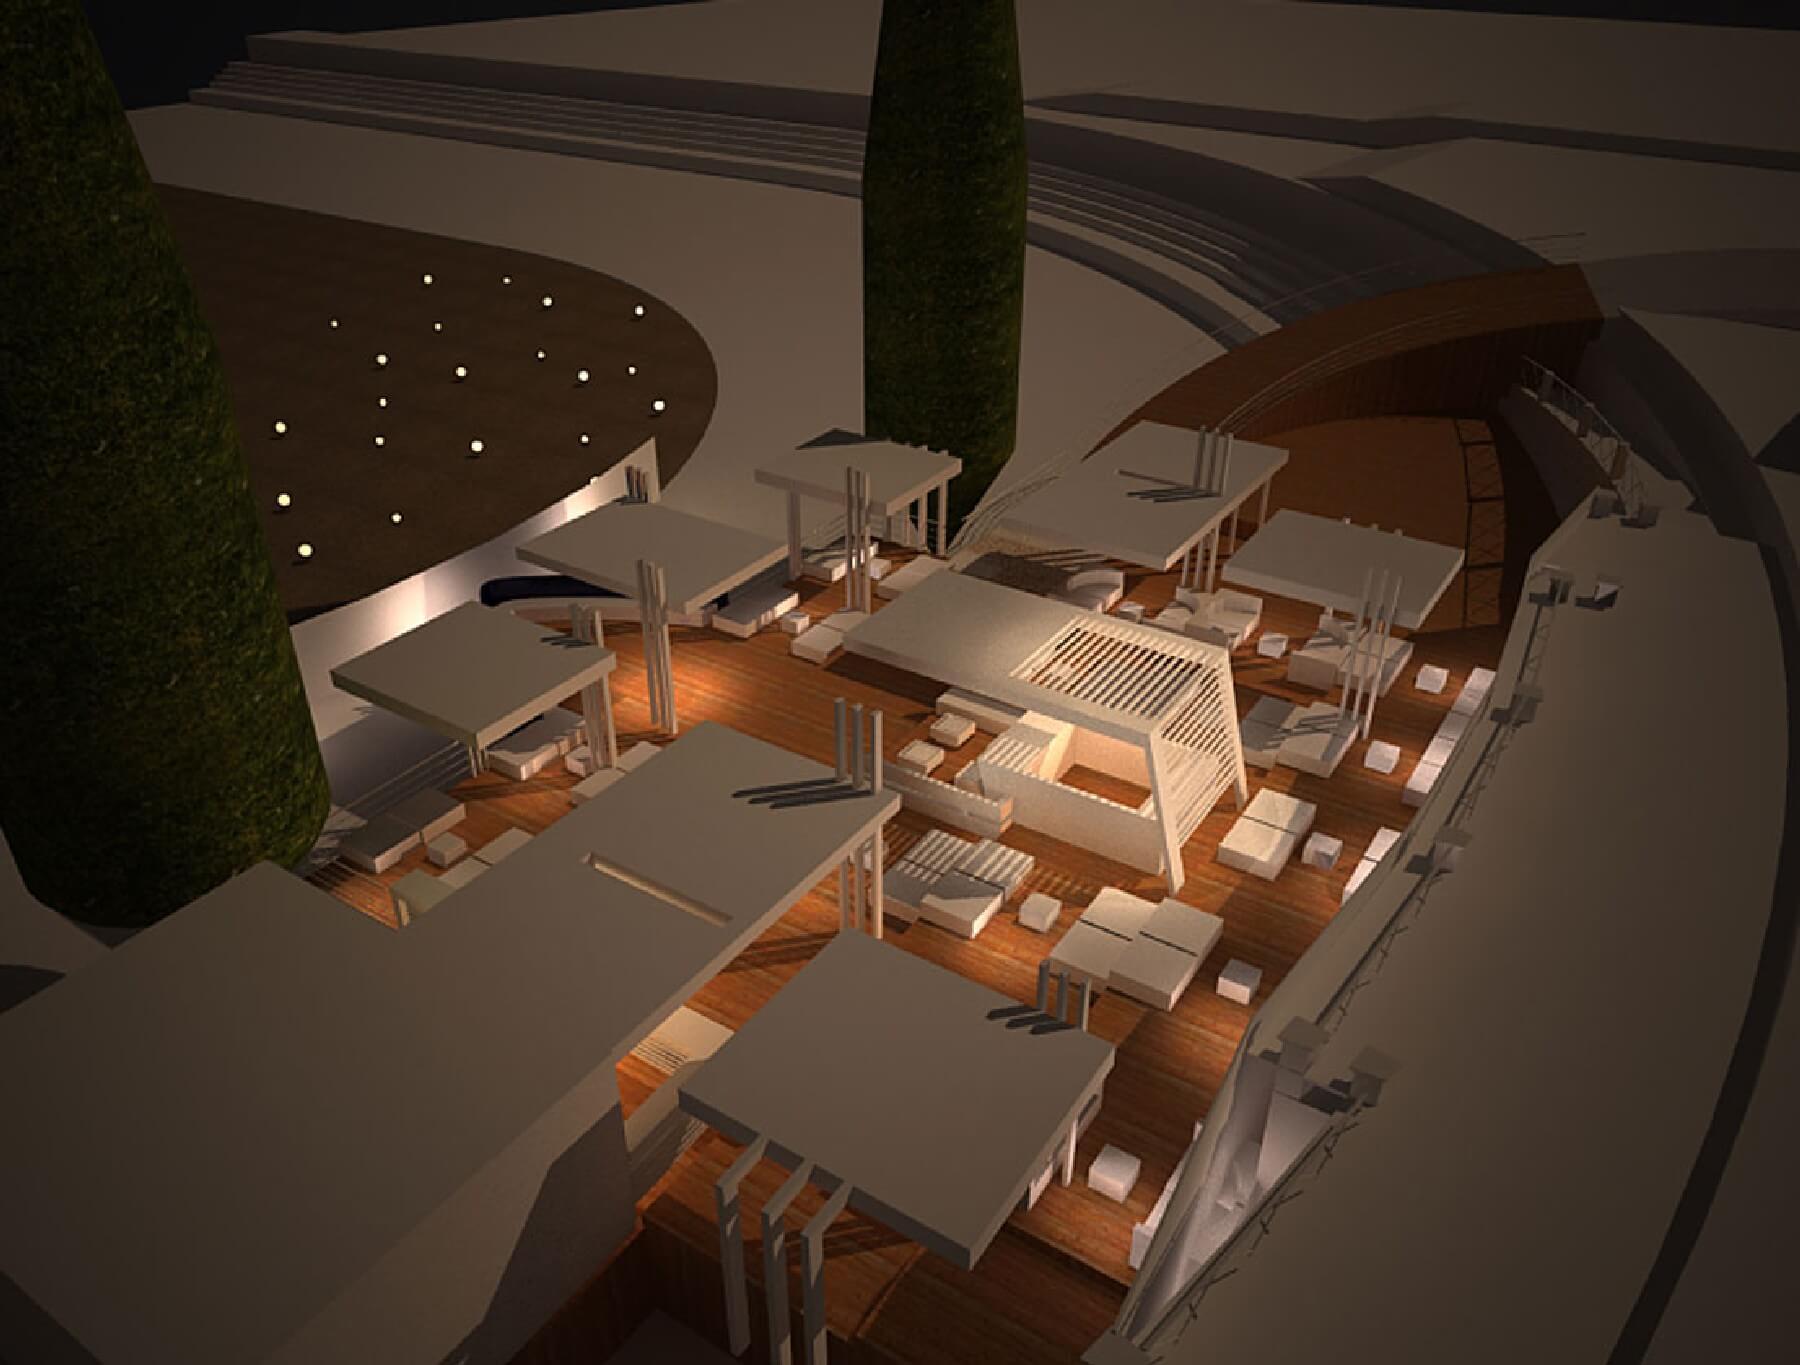 fontaine_architetto_morgantini_11